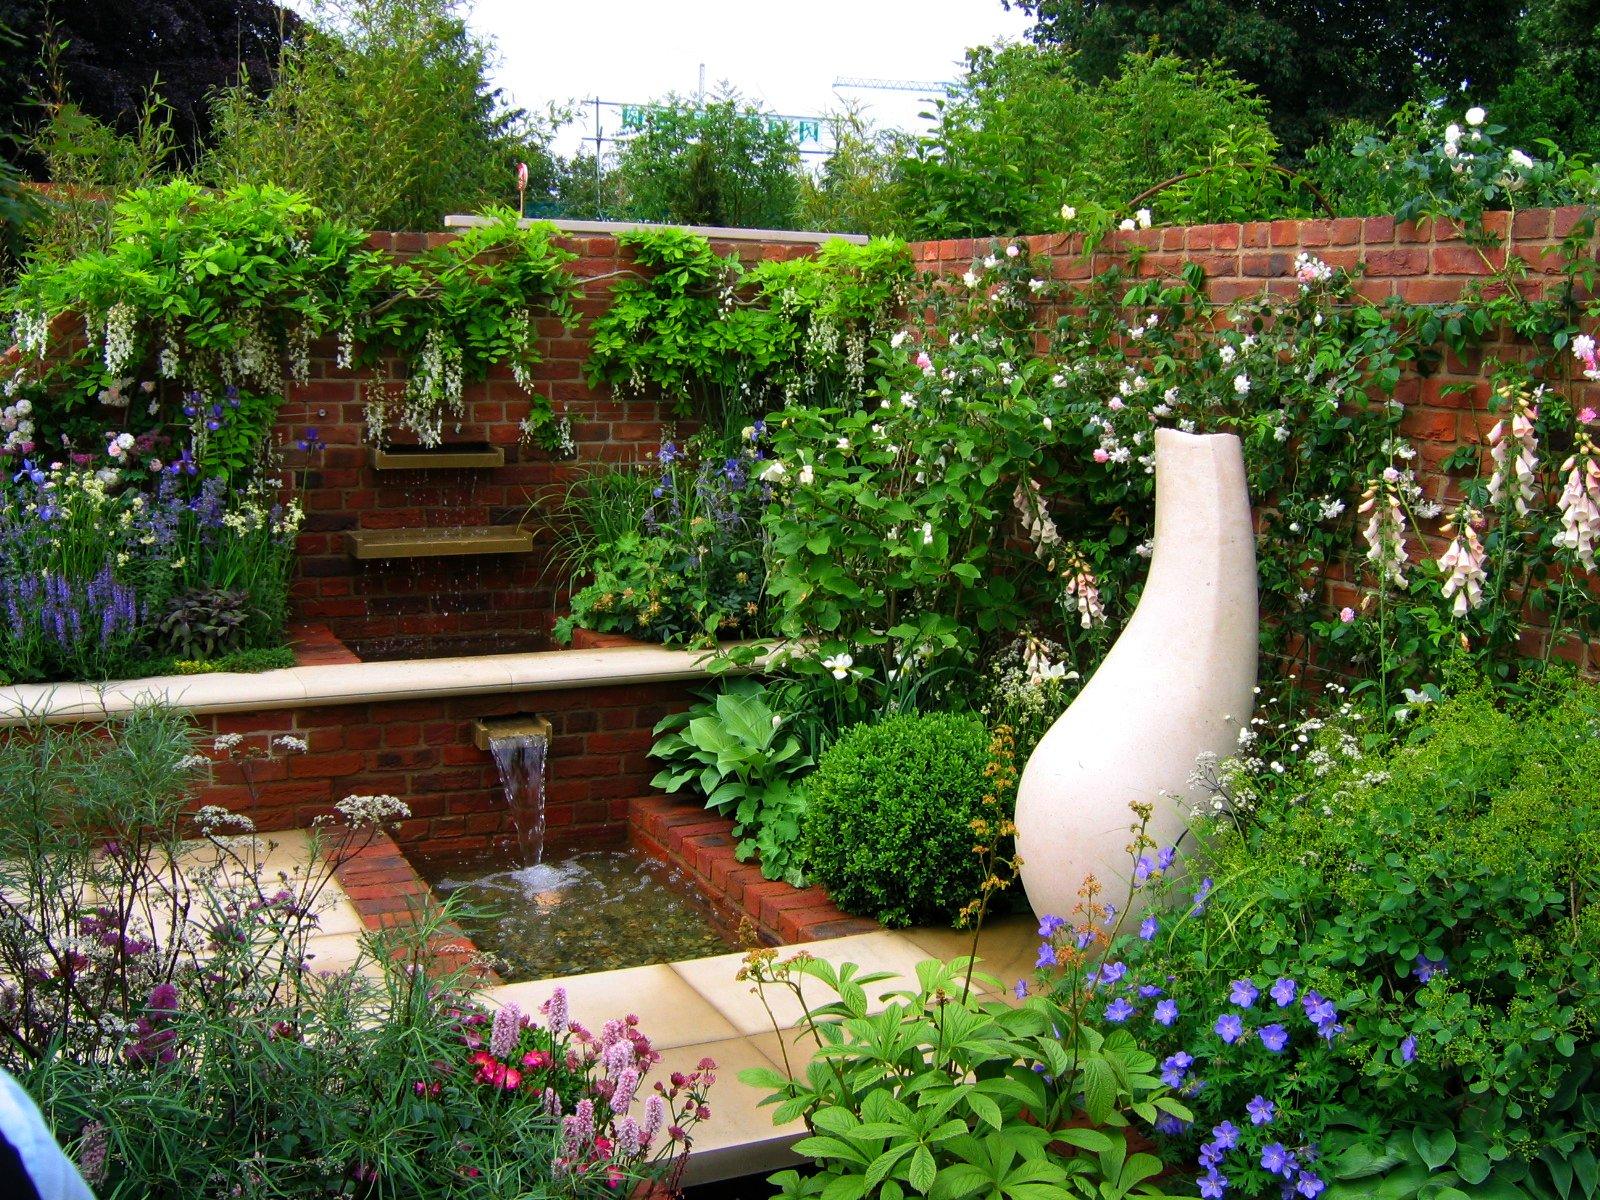 Chelsea 2007 Courtyard Gardens, etc | Explore UGArdener's ...